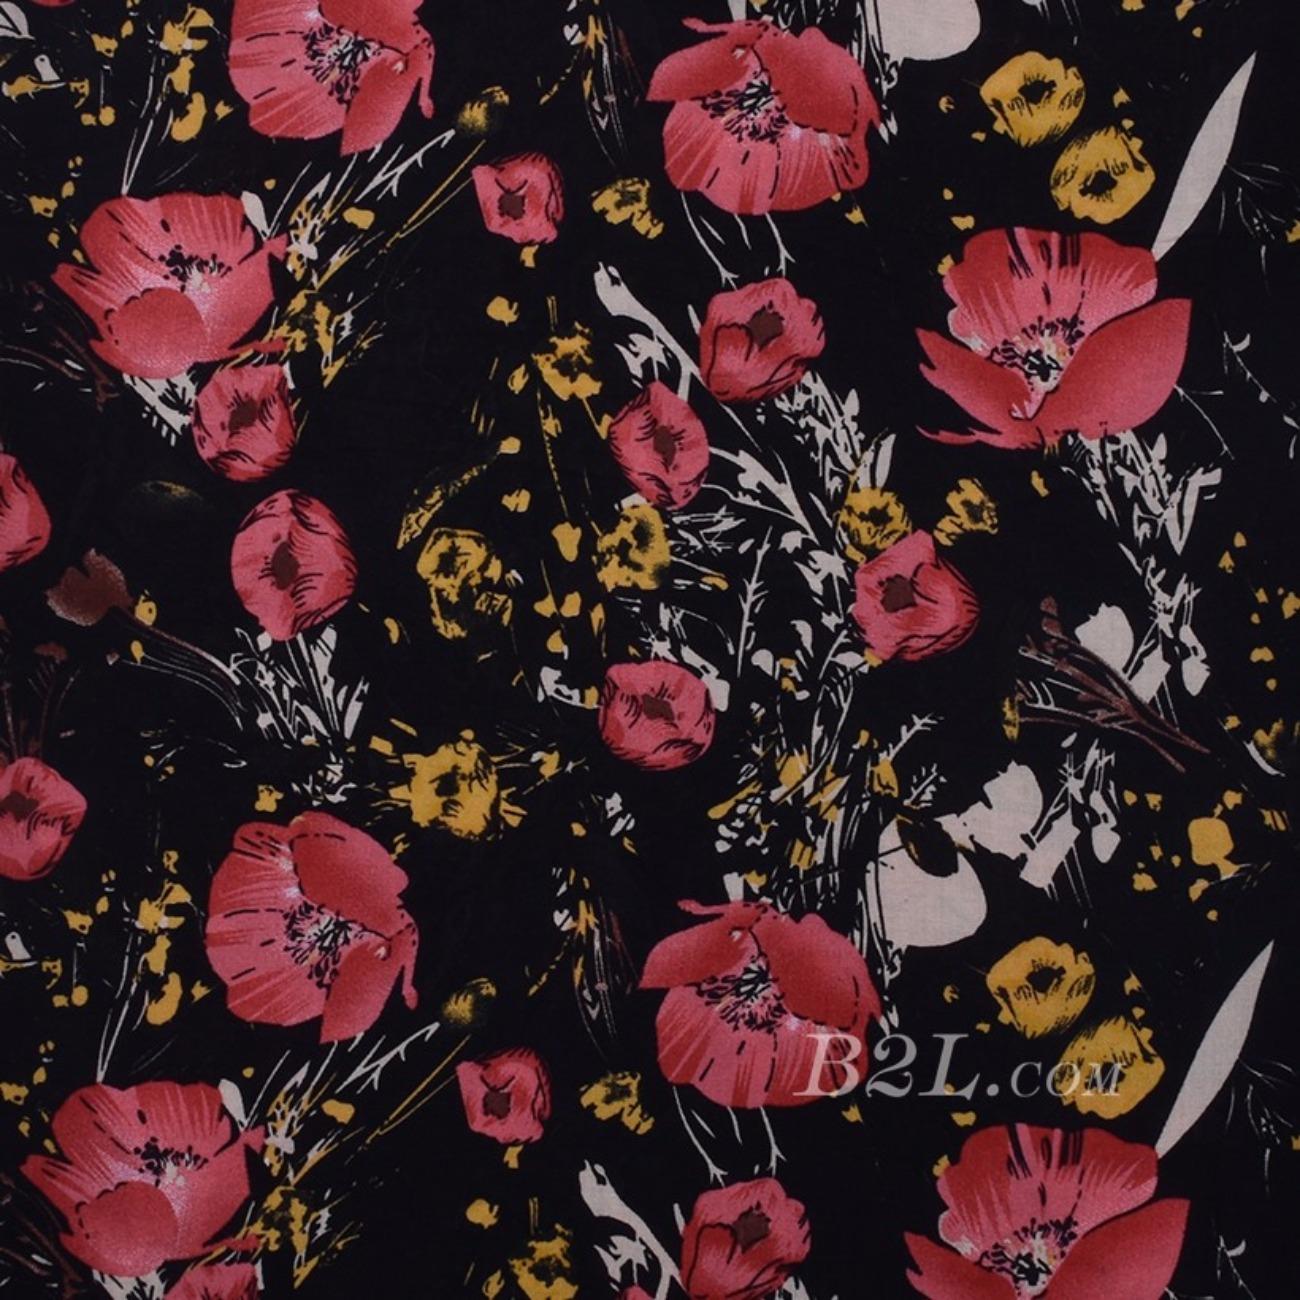 印花 植物 梭织 人棉期货花朵无弹衬衫连衣裙 短裙 薄 棉感 70531-40